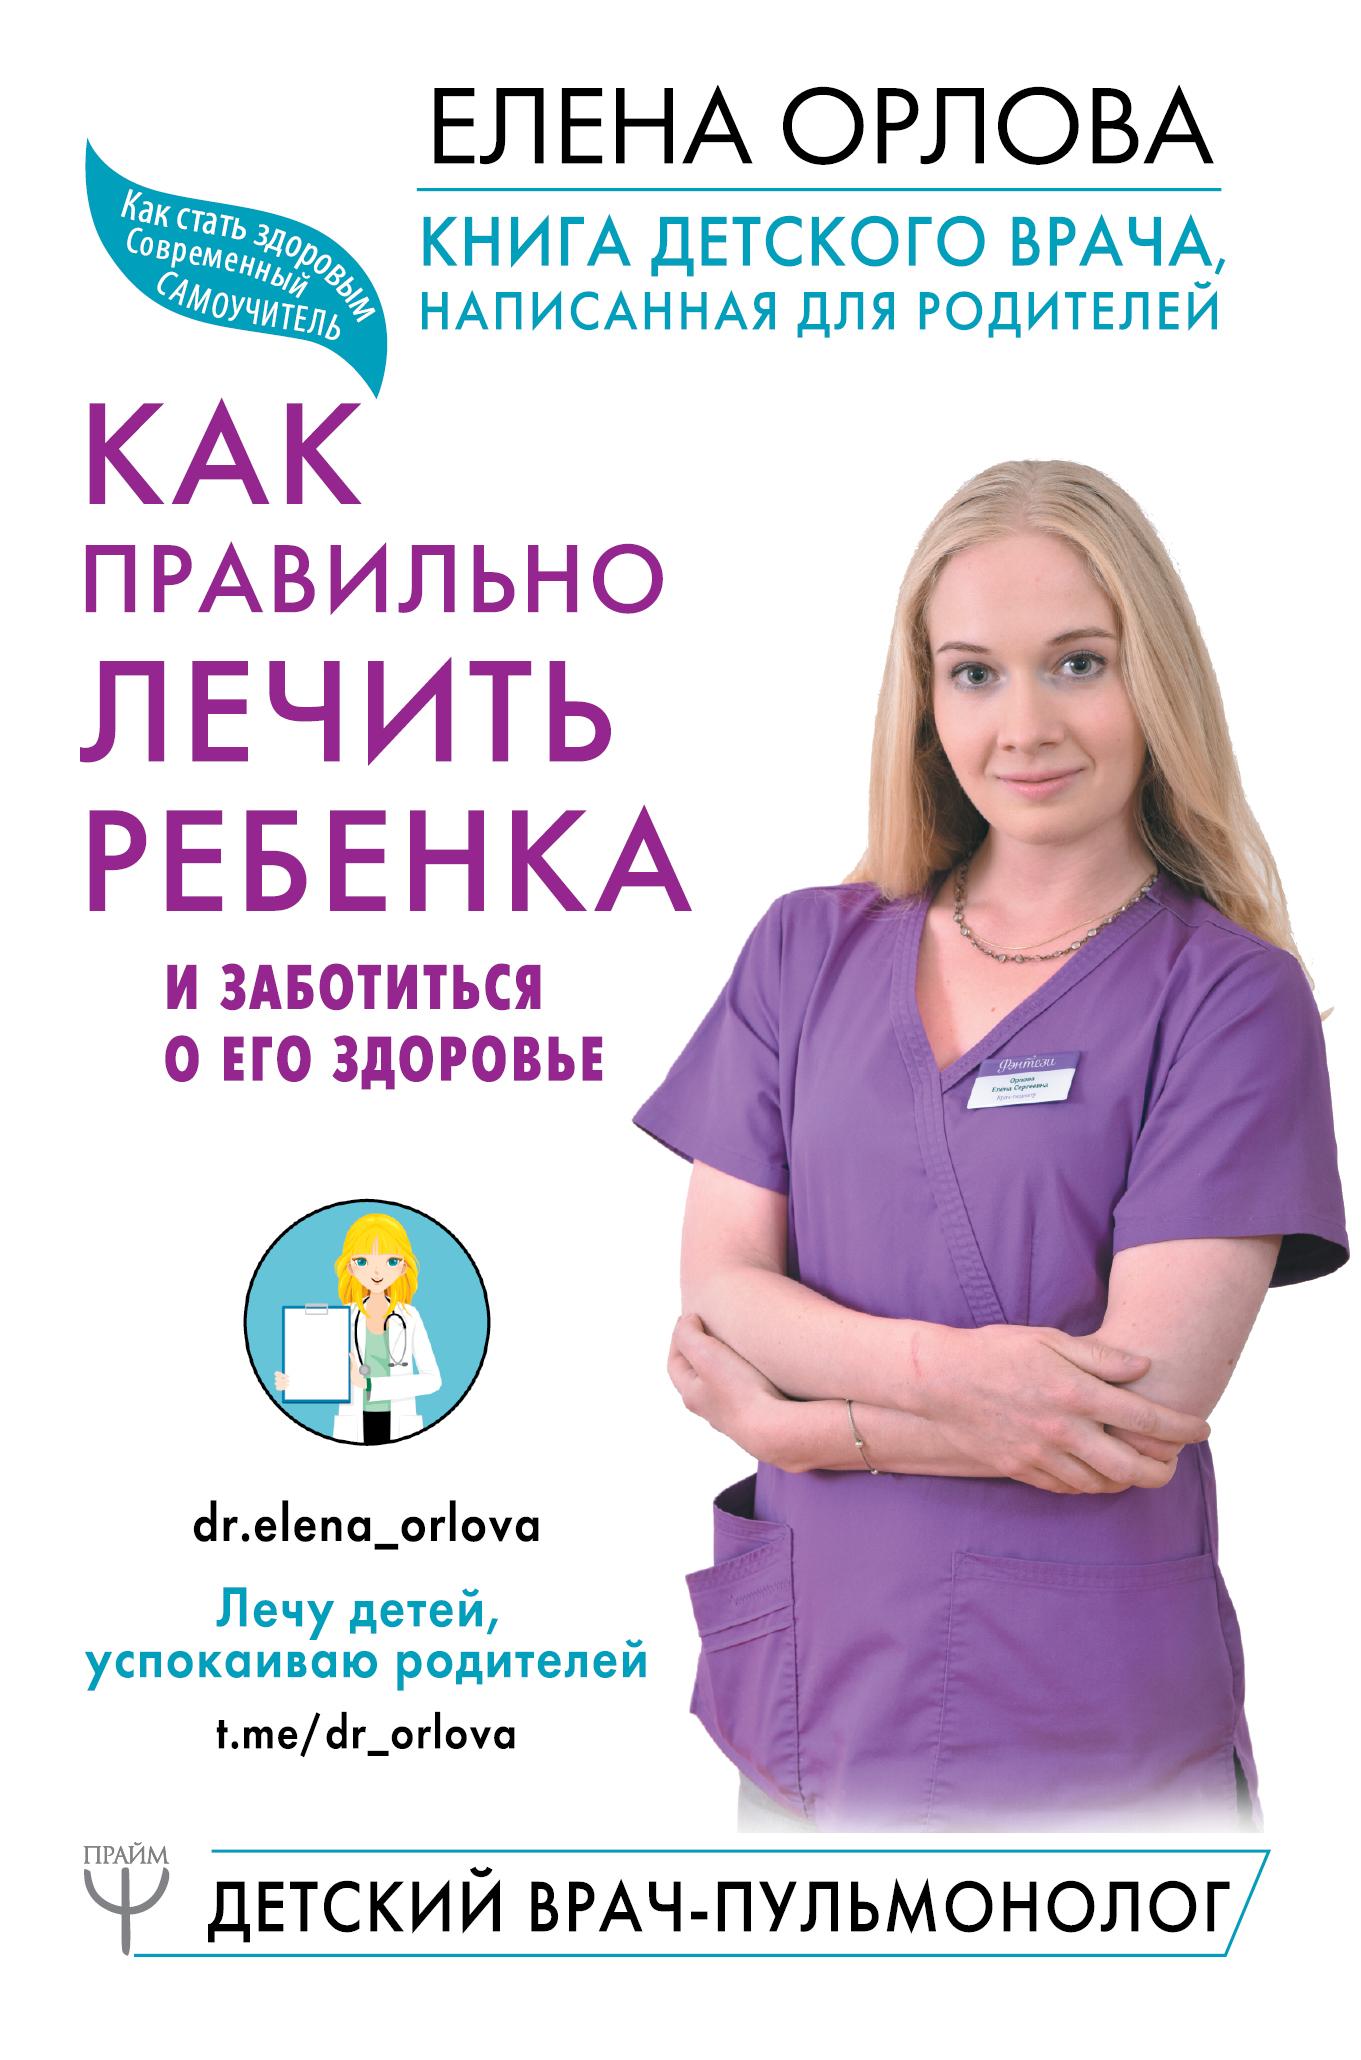 Елена Орлова Книга детского врача, написанная для родителей. Как правильно лечить ребенка и заботиться о его здоровье орлова е книга детского врача написанная для родителей как правильно лечить ребенка и заботиться о его здоровье